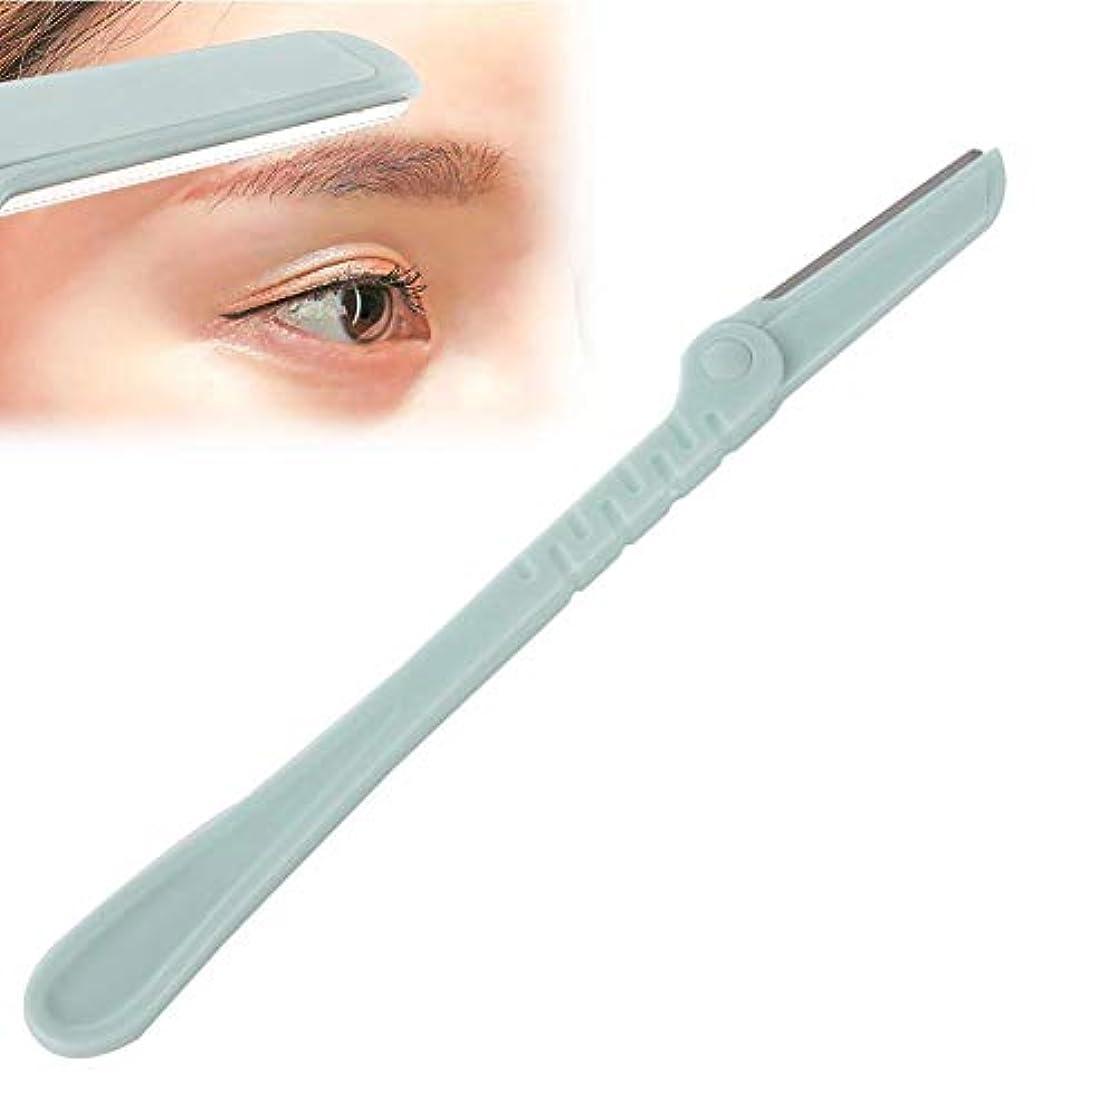 読みやすい不透明な洞窟1ピース眉毛カミソリ化粧道具 - 女性と男性の顔のリムーバー、眉毛カミソリの顔かみそりのヘアトリマーヘアトリマーのための美しい眉毛